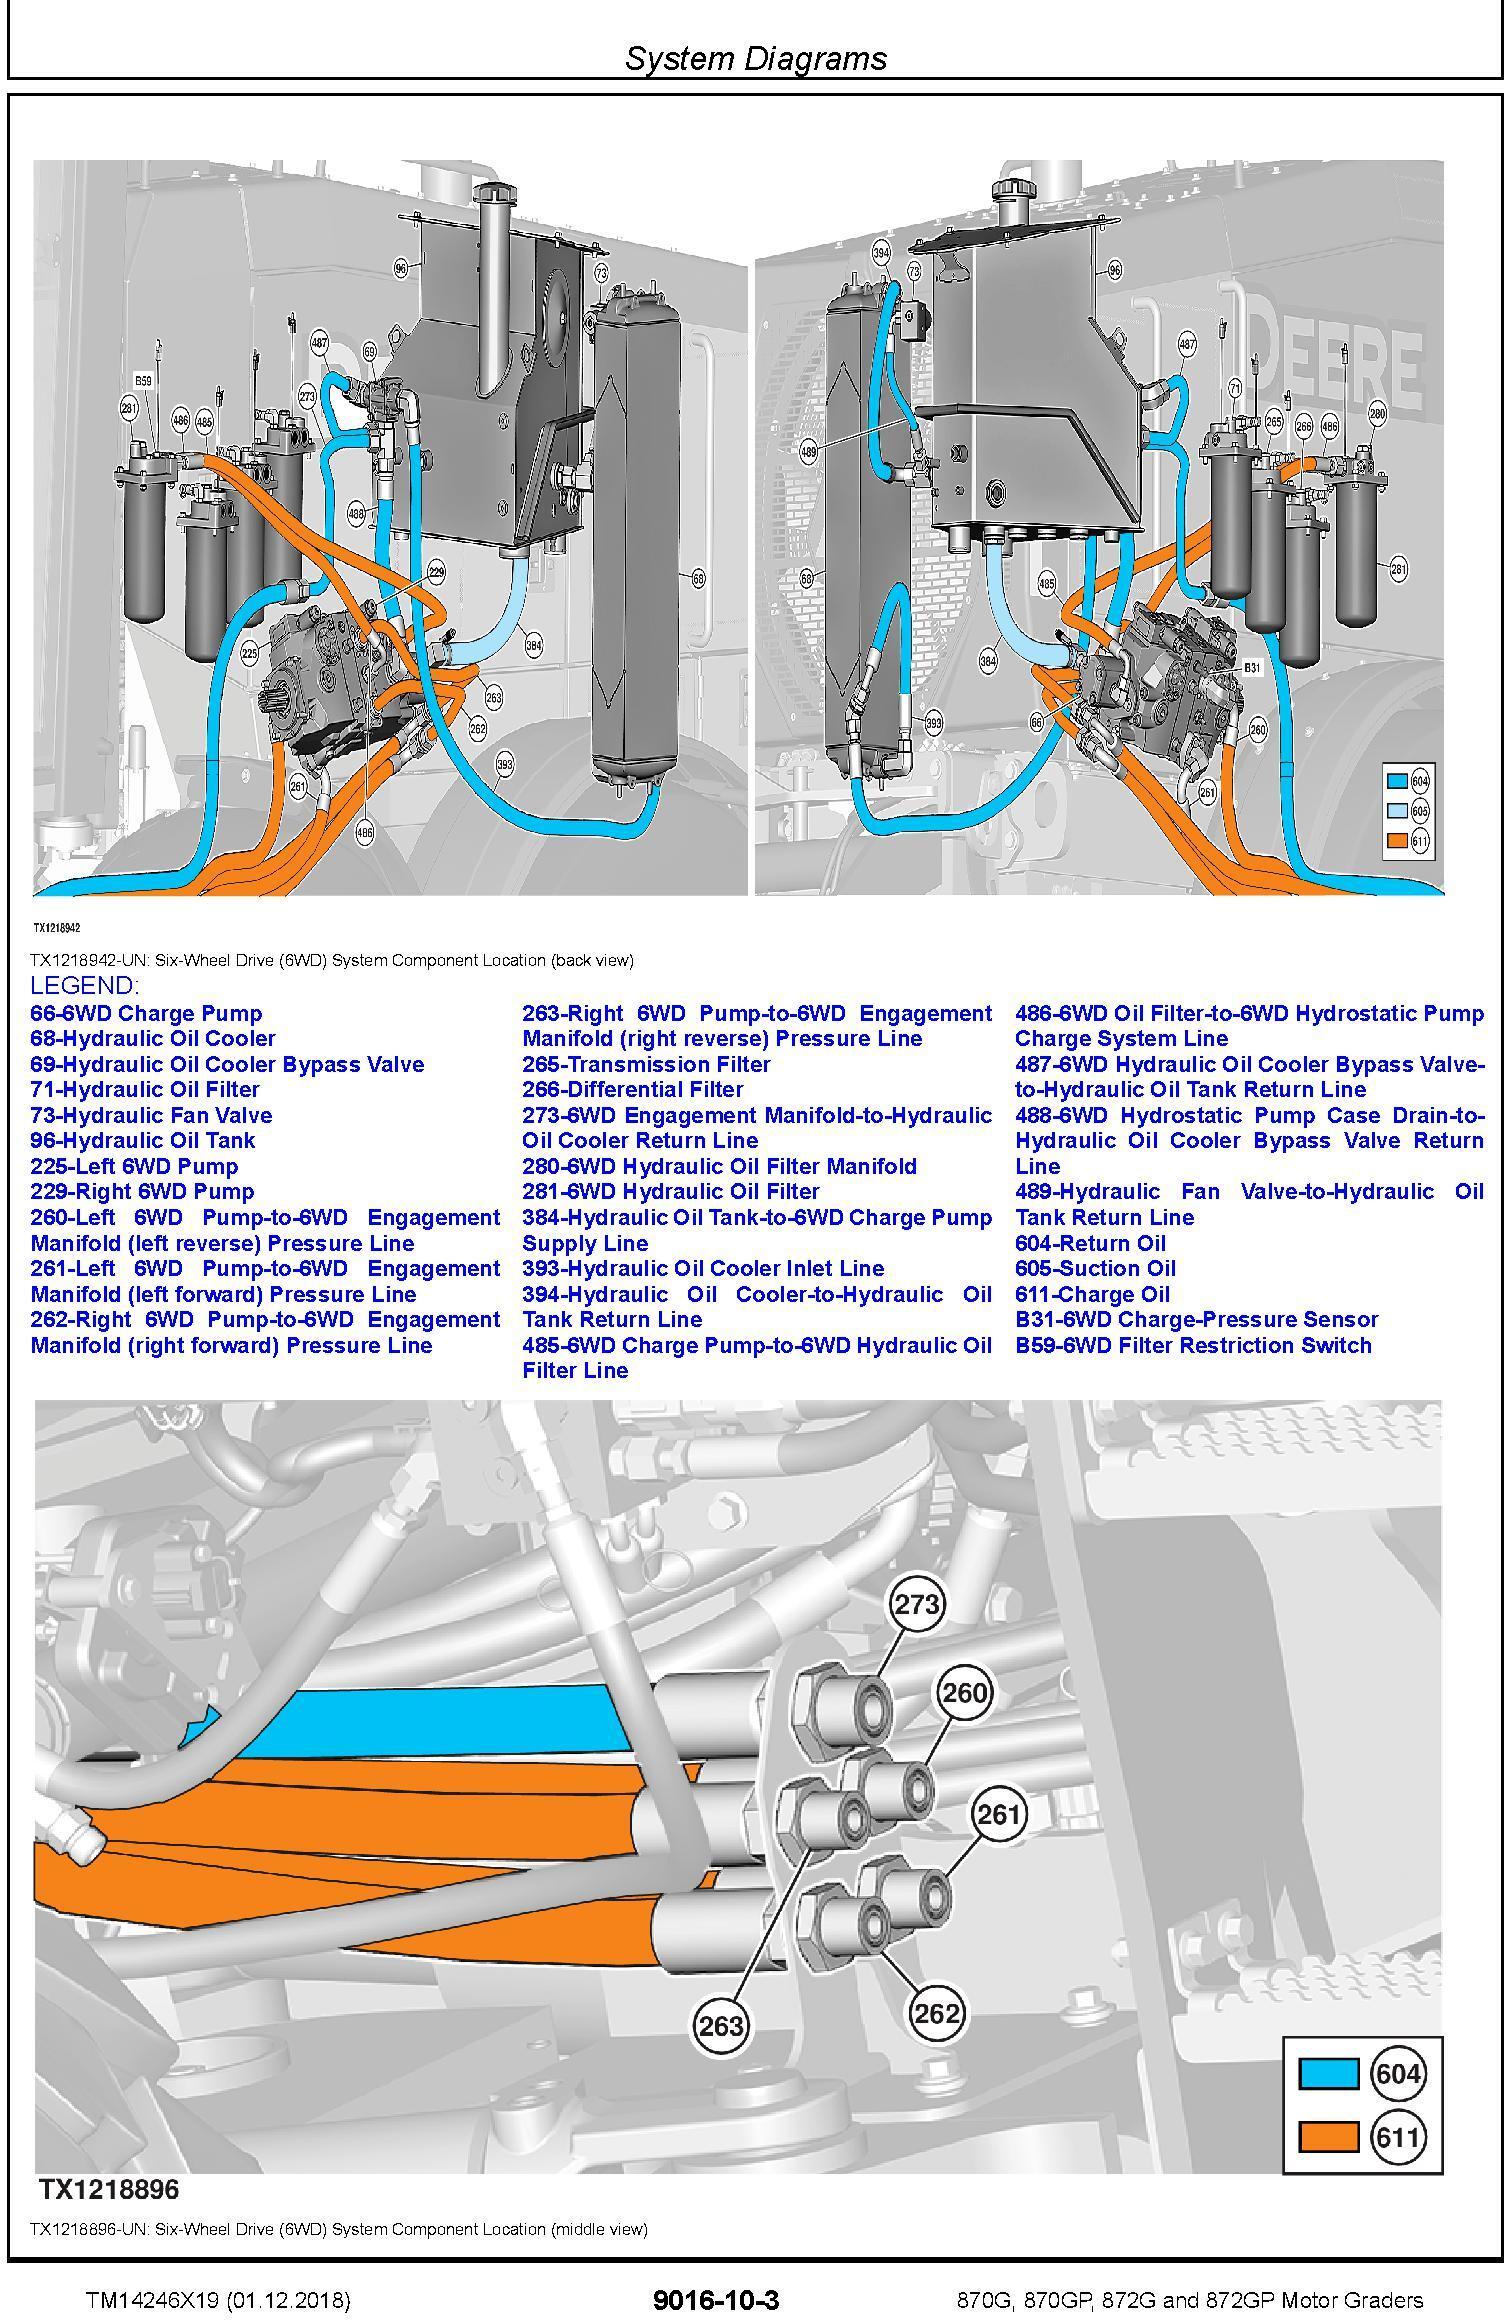 John Deere 870G,870GP,872G,872GP (SN.F680878-,L700954-) Motor Graders Diagnostic Manual (TM14246X19) - 3